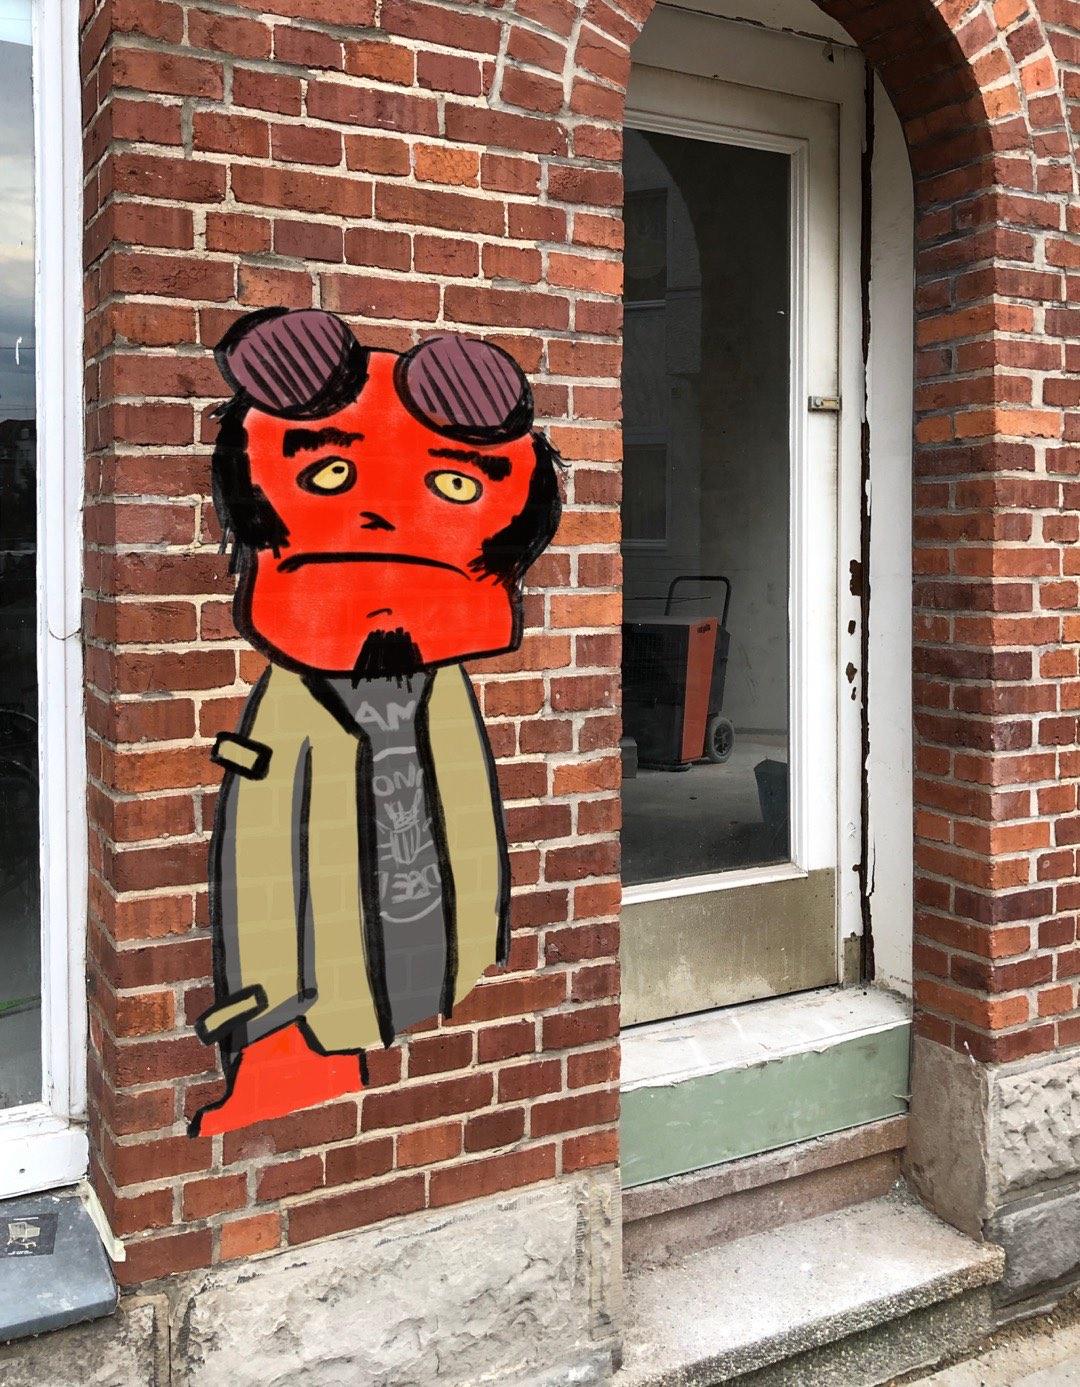 Digitale Hellboy Street Art auf einem Hauswandfoto